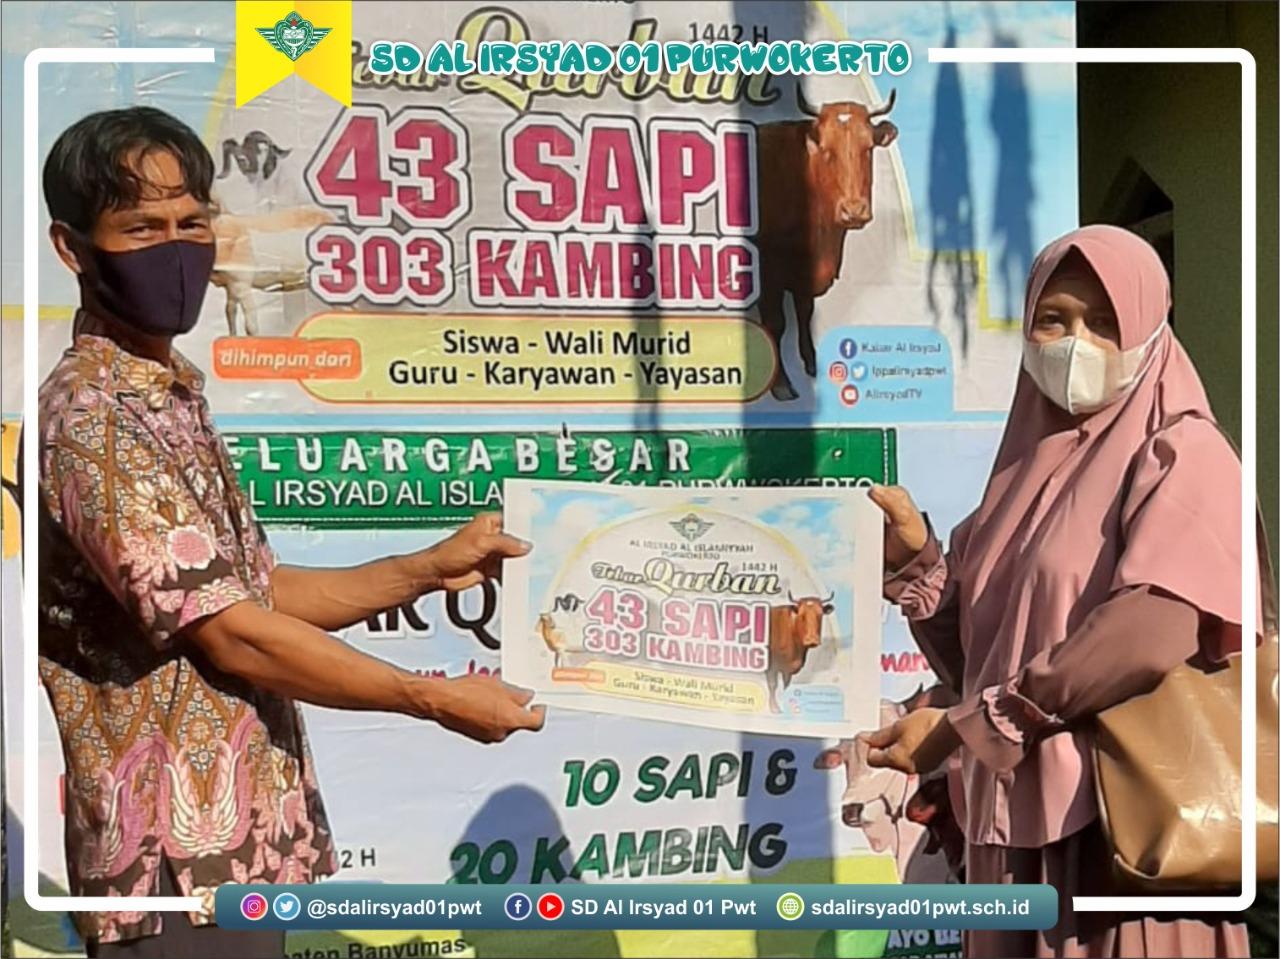 Puluhan Hewan kurban ditebar di Banyumas, Dari SD Al Irsyad Al Islamiyyah 01 Purwokerto untuk masyarakat Banyumas.